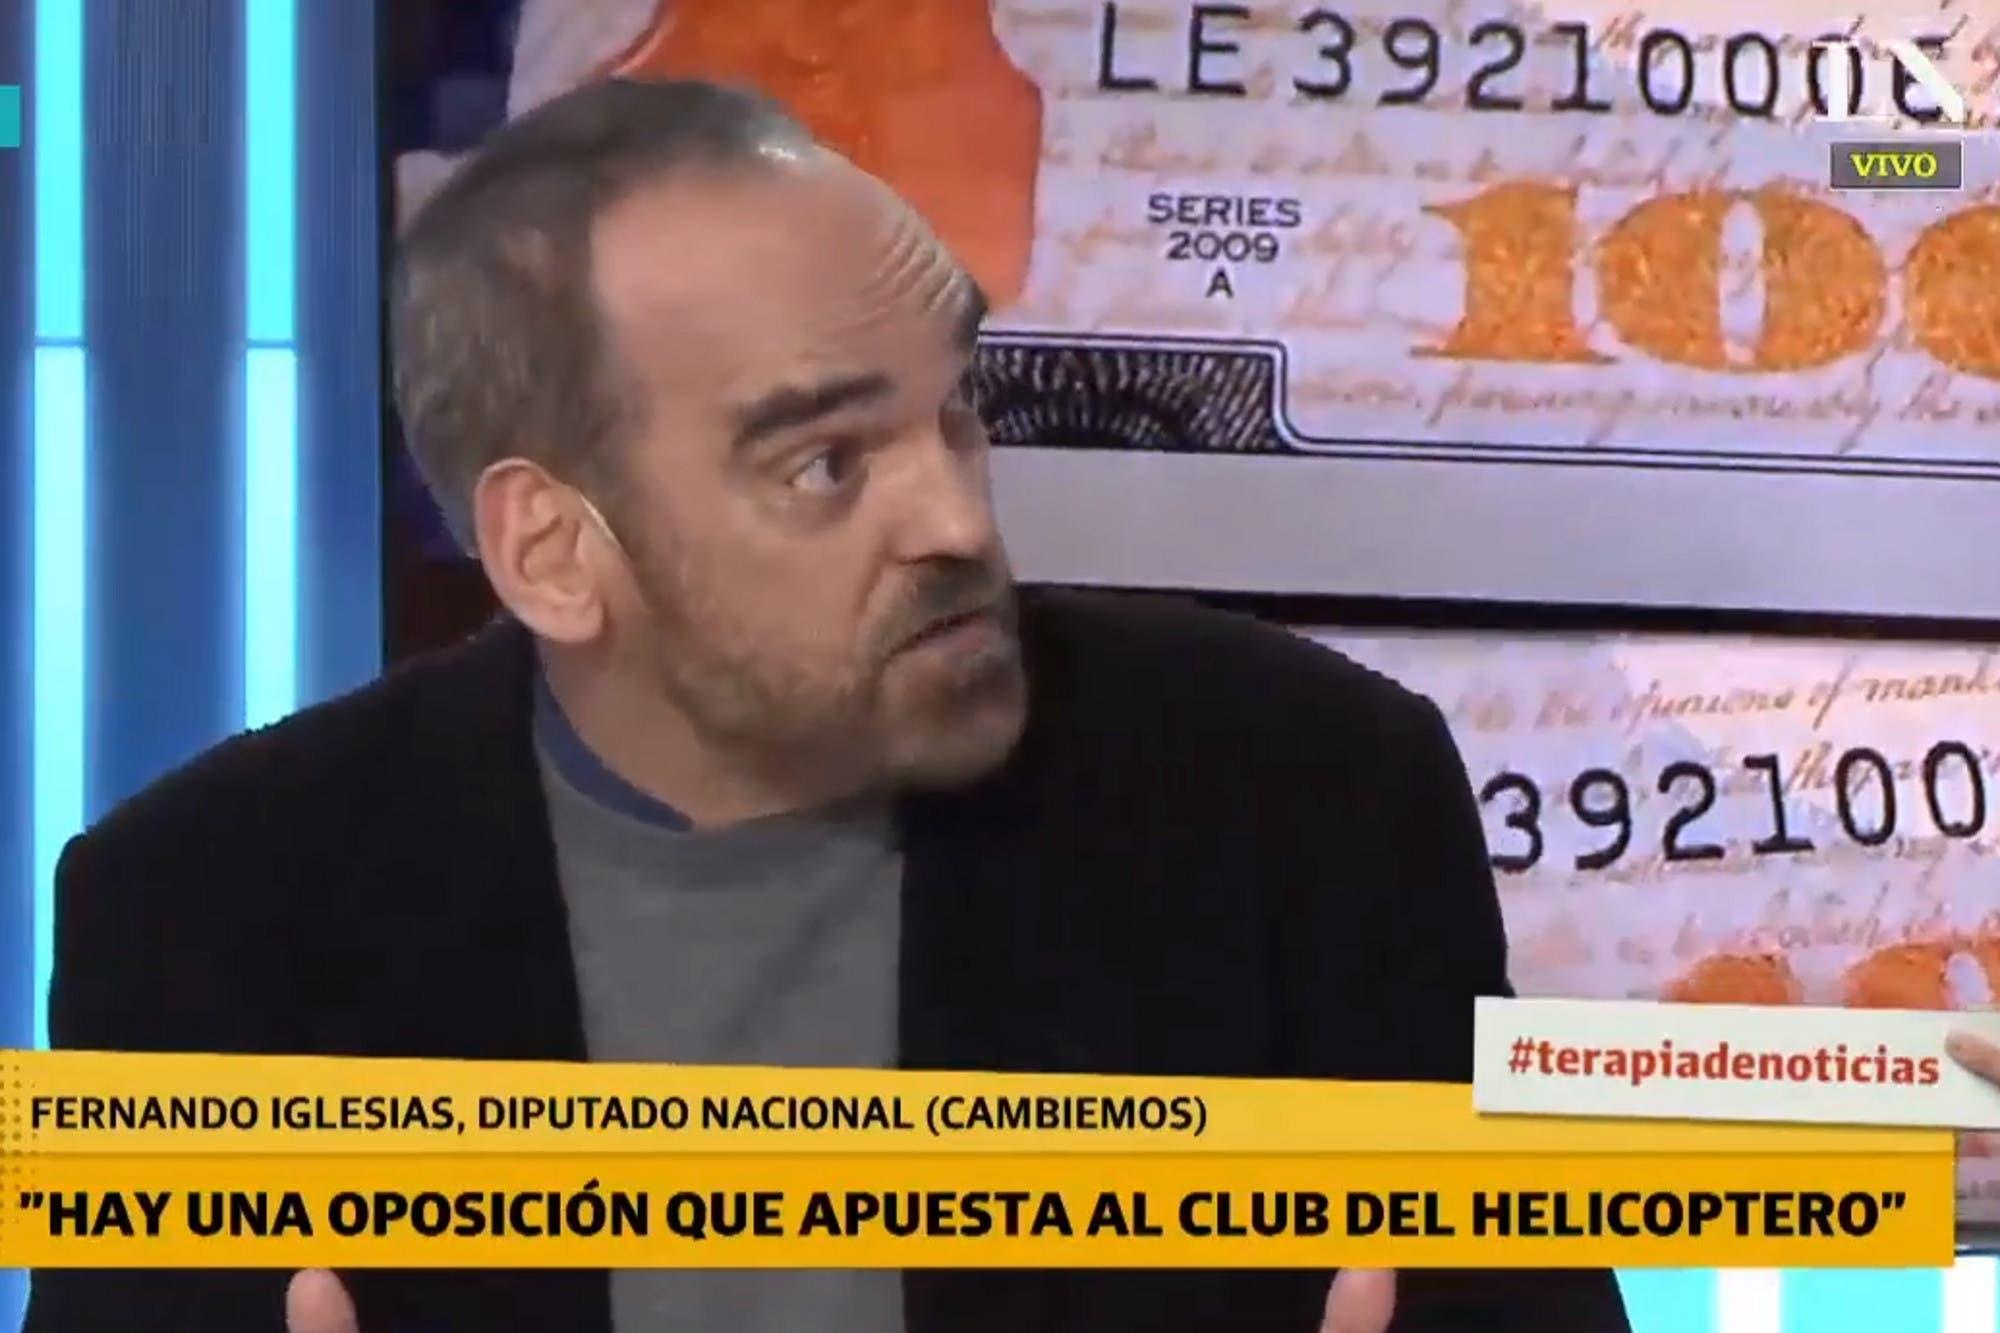 """Según Fernando Iglesias, """"hay una oposición feroz que apuesta permanentemente al club del helicóptero"""""""